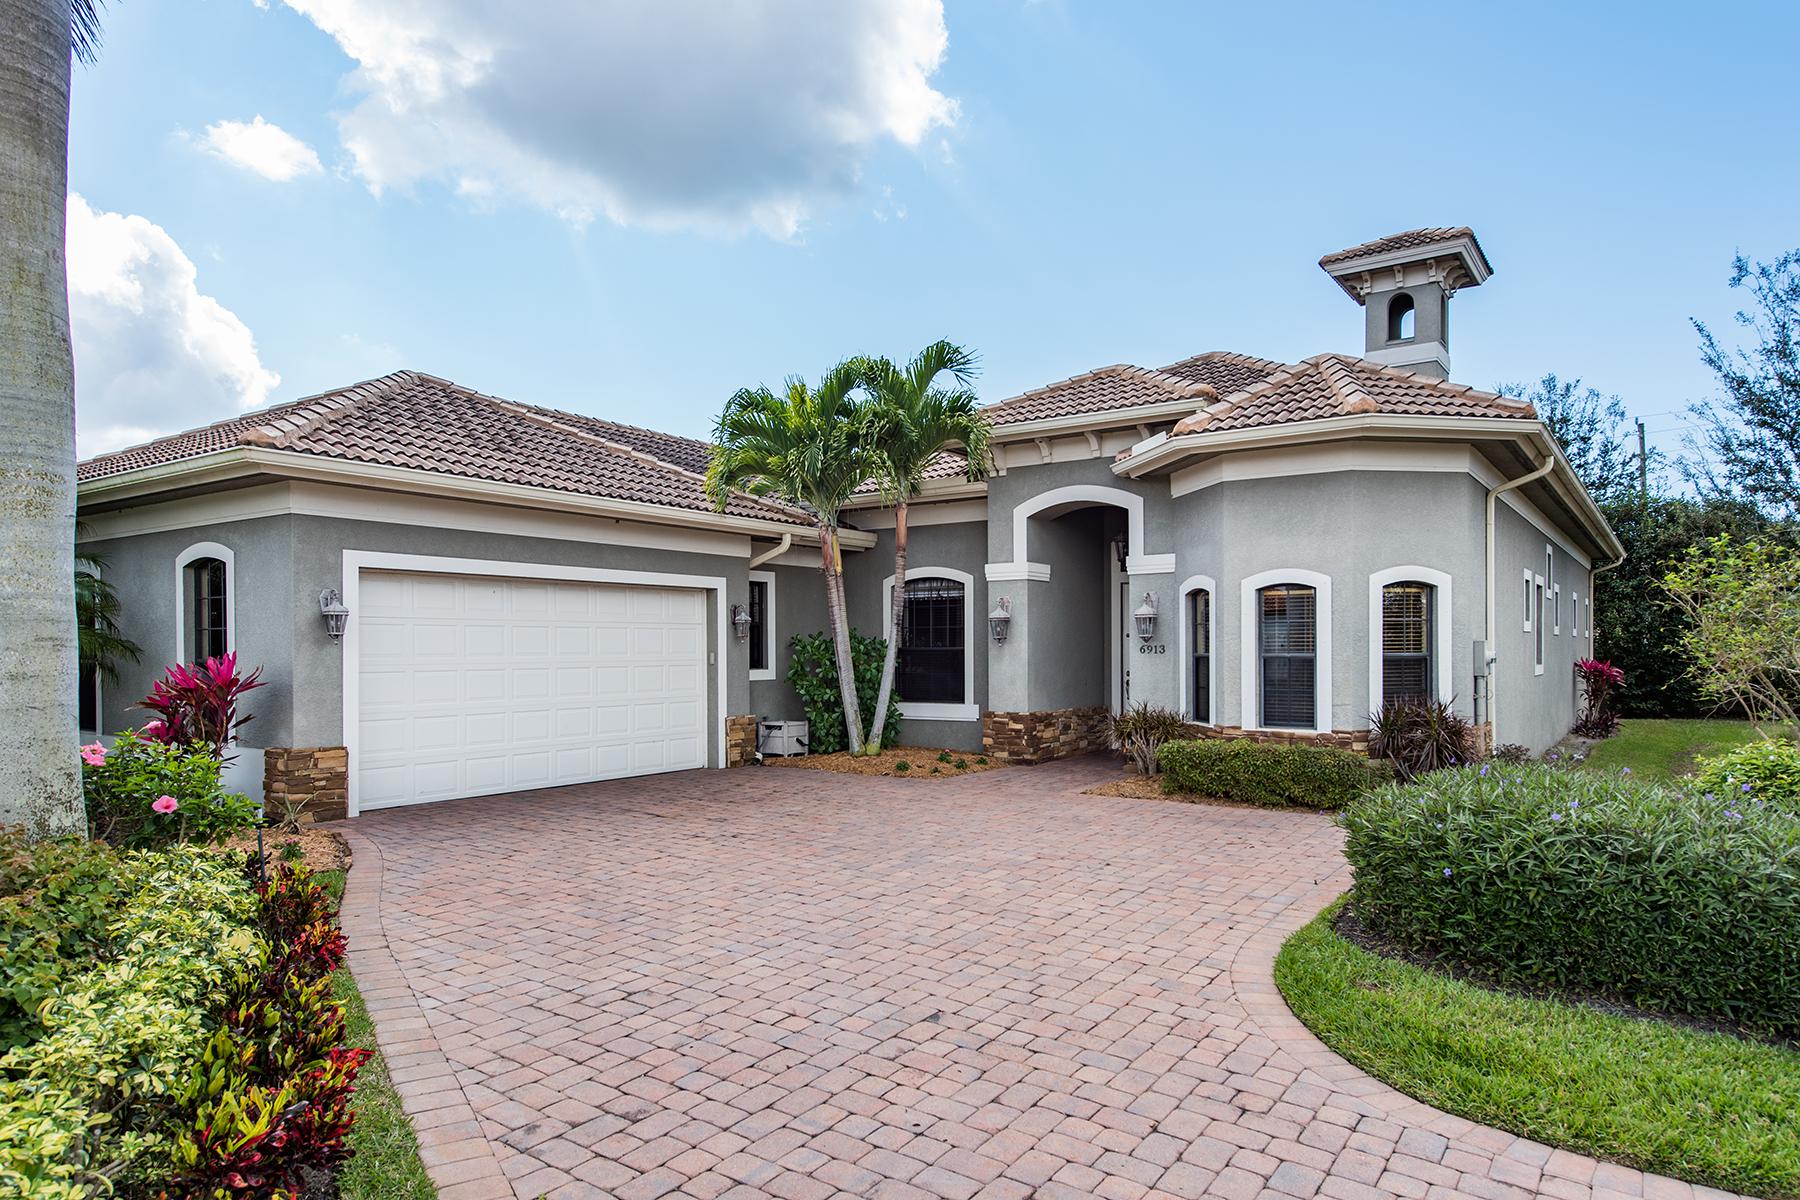 Tek Ailelik Ev için Satış at IL REGALO CIRCLE 6913 Il Regalo Cir Naples, Florida, 34109 Amerika Birleşik Devletleri